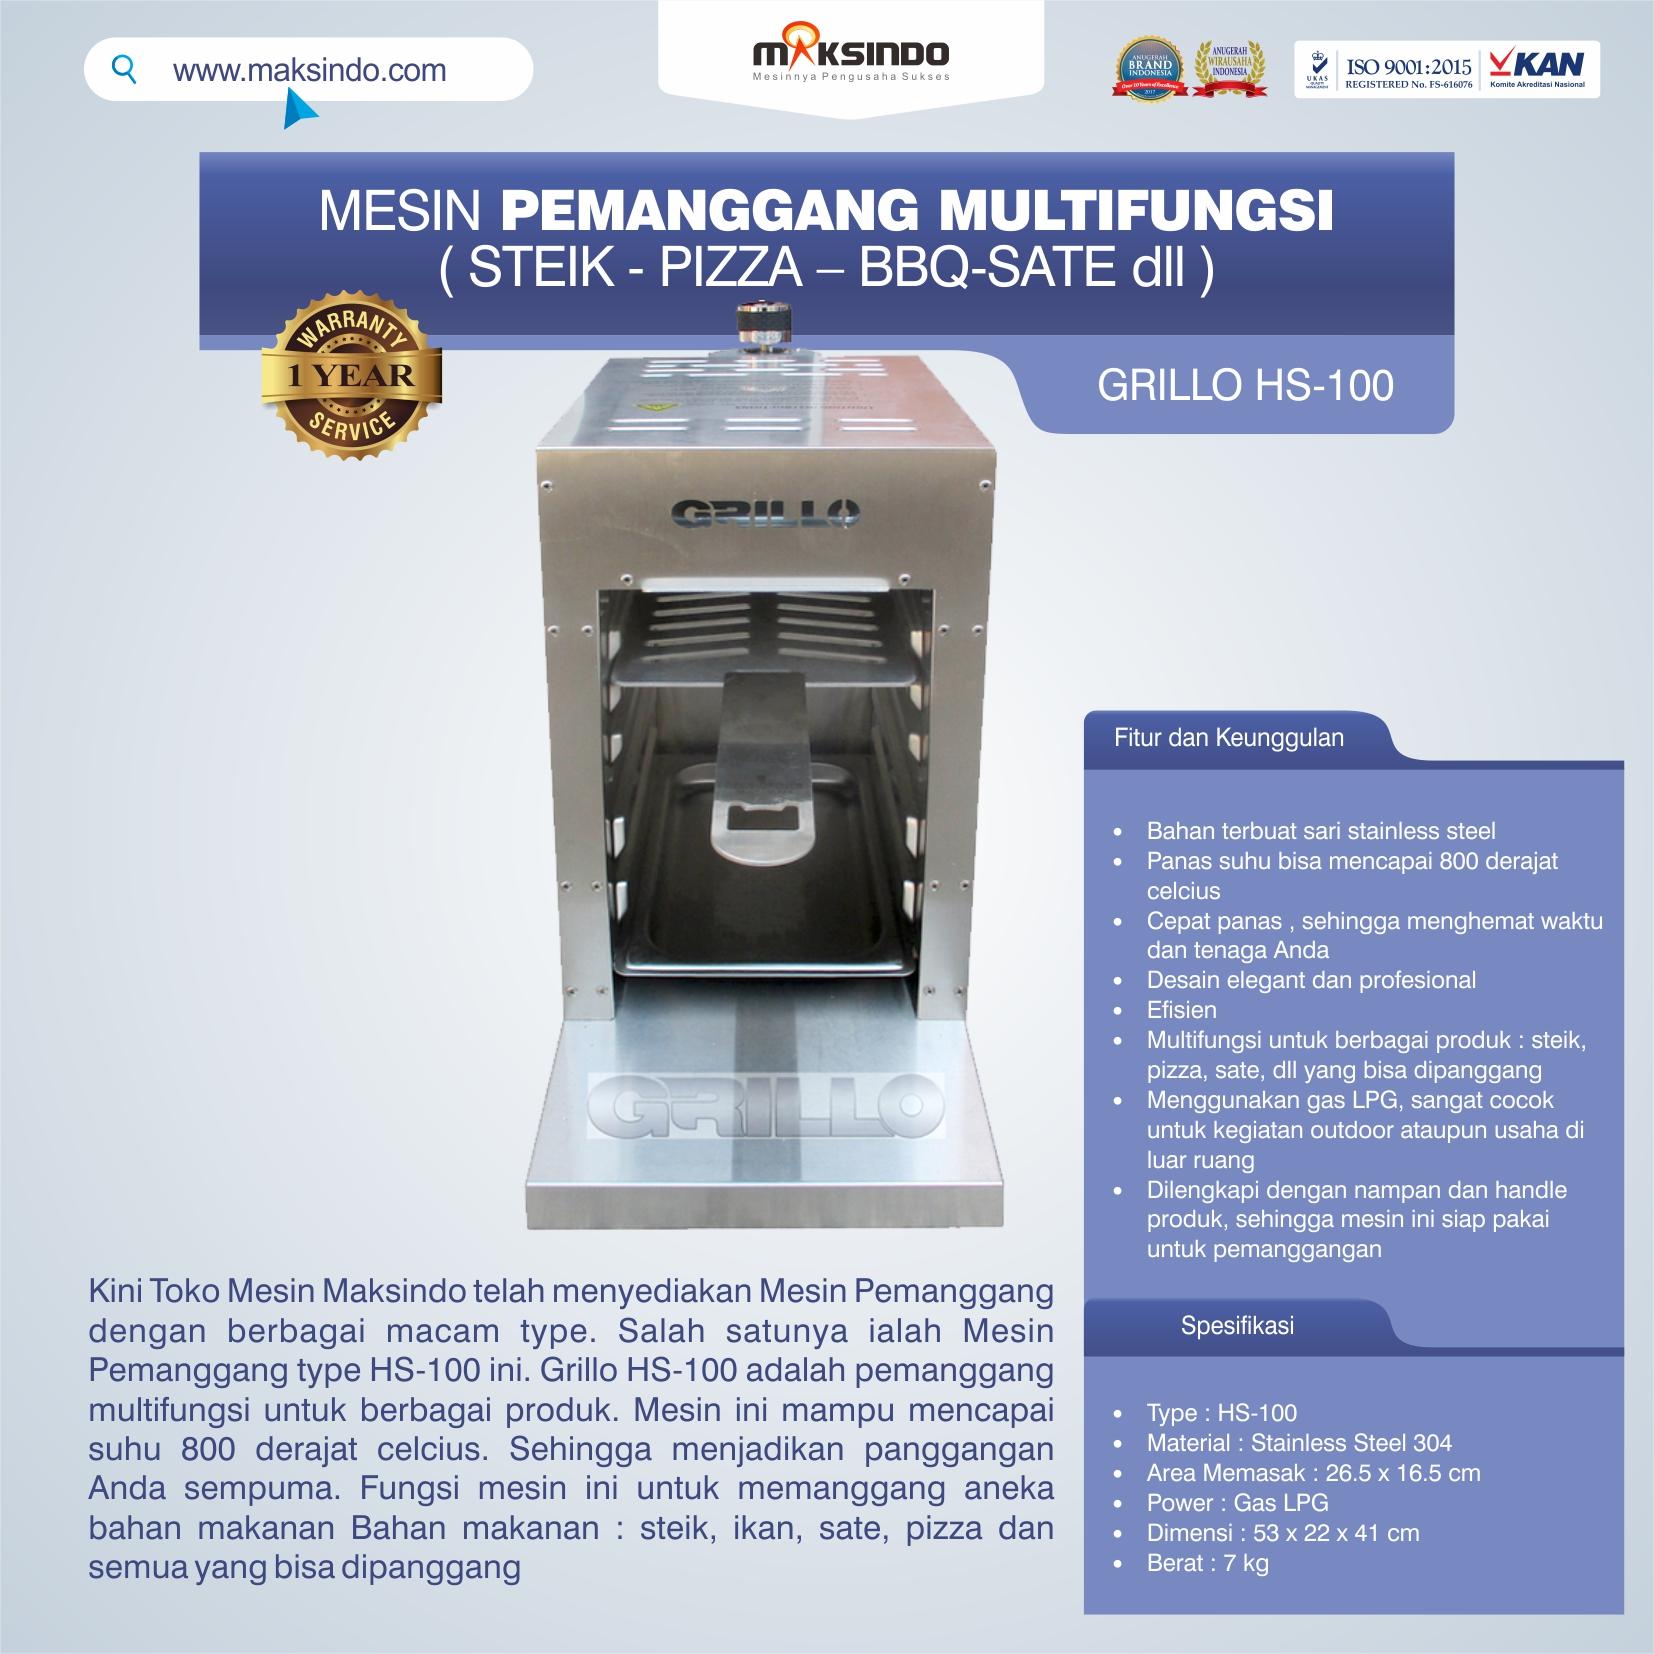 Jual Mesin Pemanggang Steik – Pizza (GRILLO  HS-100) di Pekanbaru